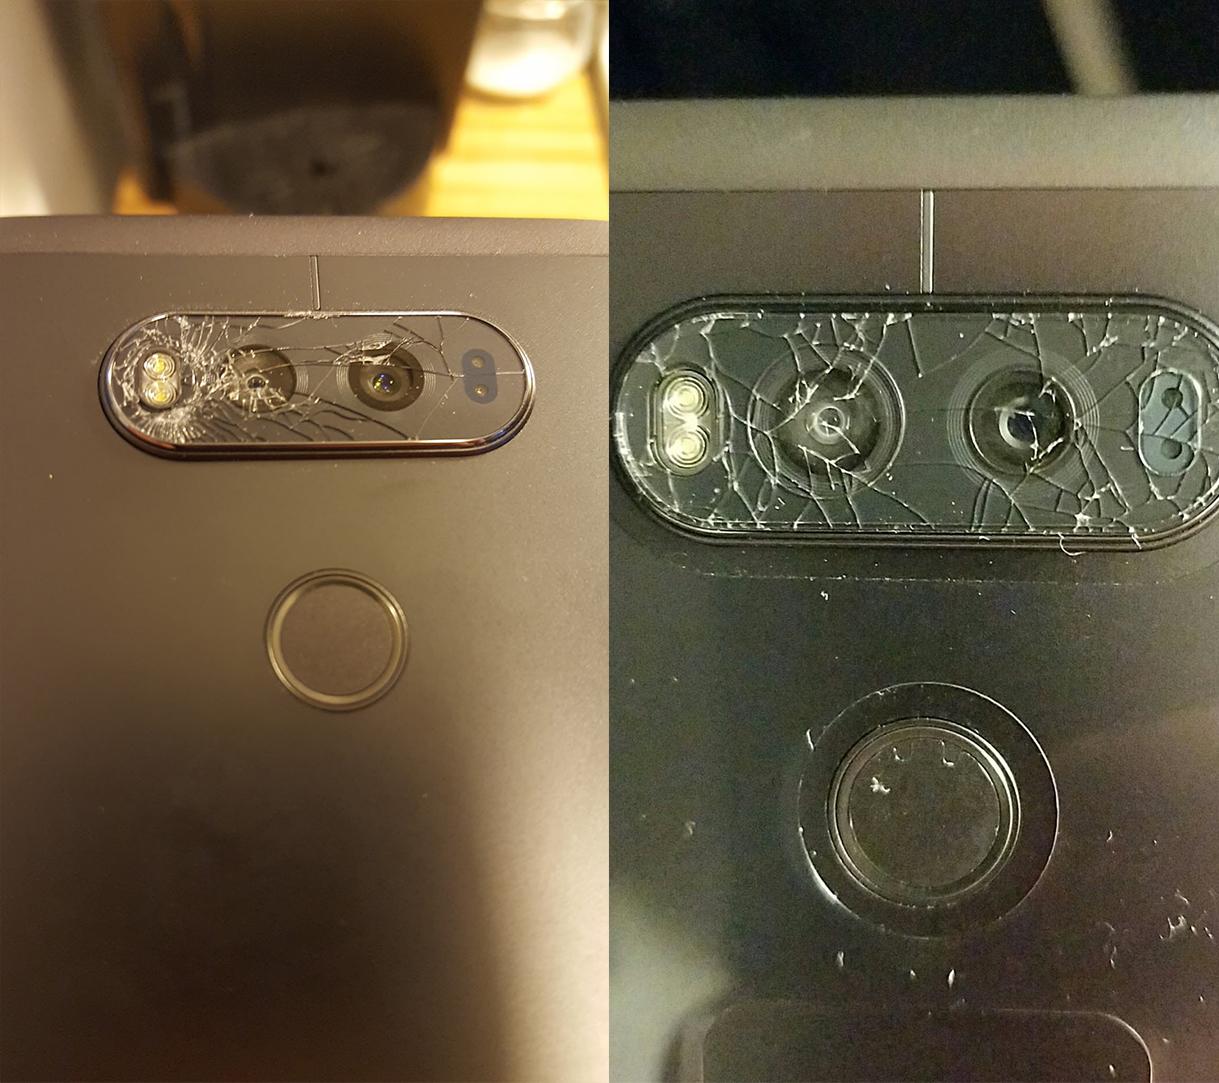 Vẫn chưa tìm thấy flagship hoàn hảo của LG!? Khi mà LG V20 lại bị lỗi nứt kính camera